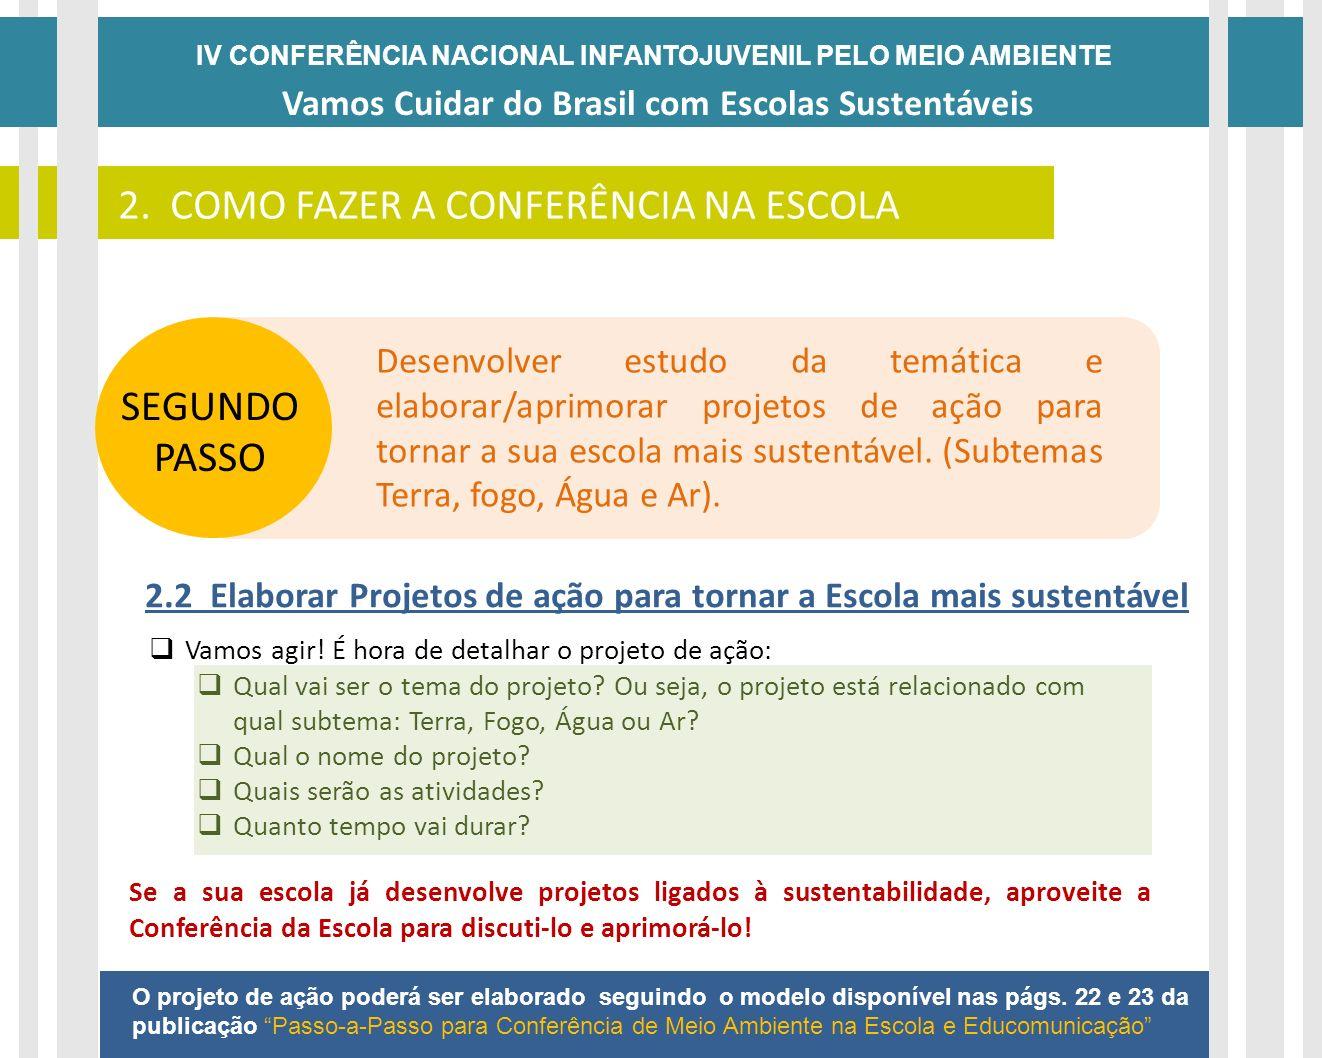 2. COMO FAZER A CONFERÊNCIA NA ESCOLA